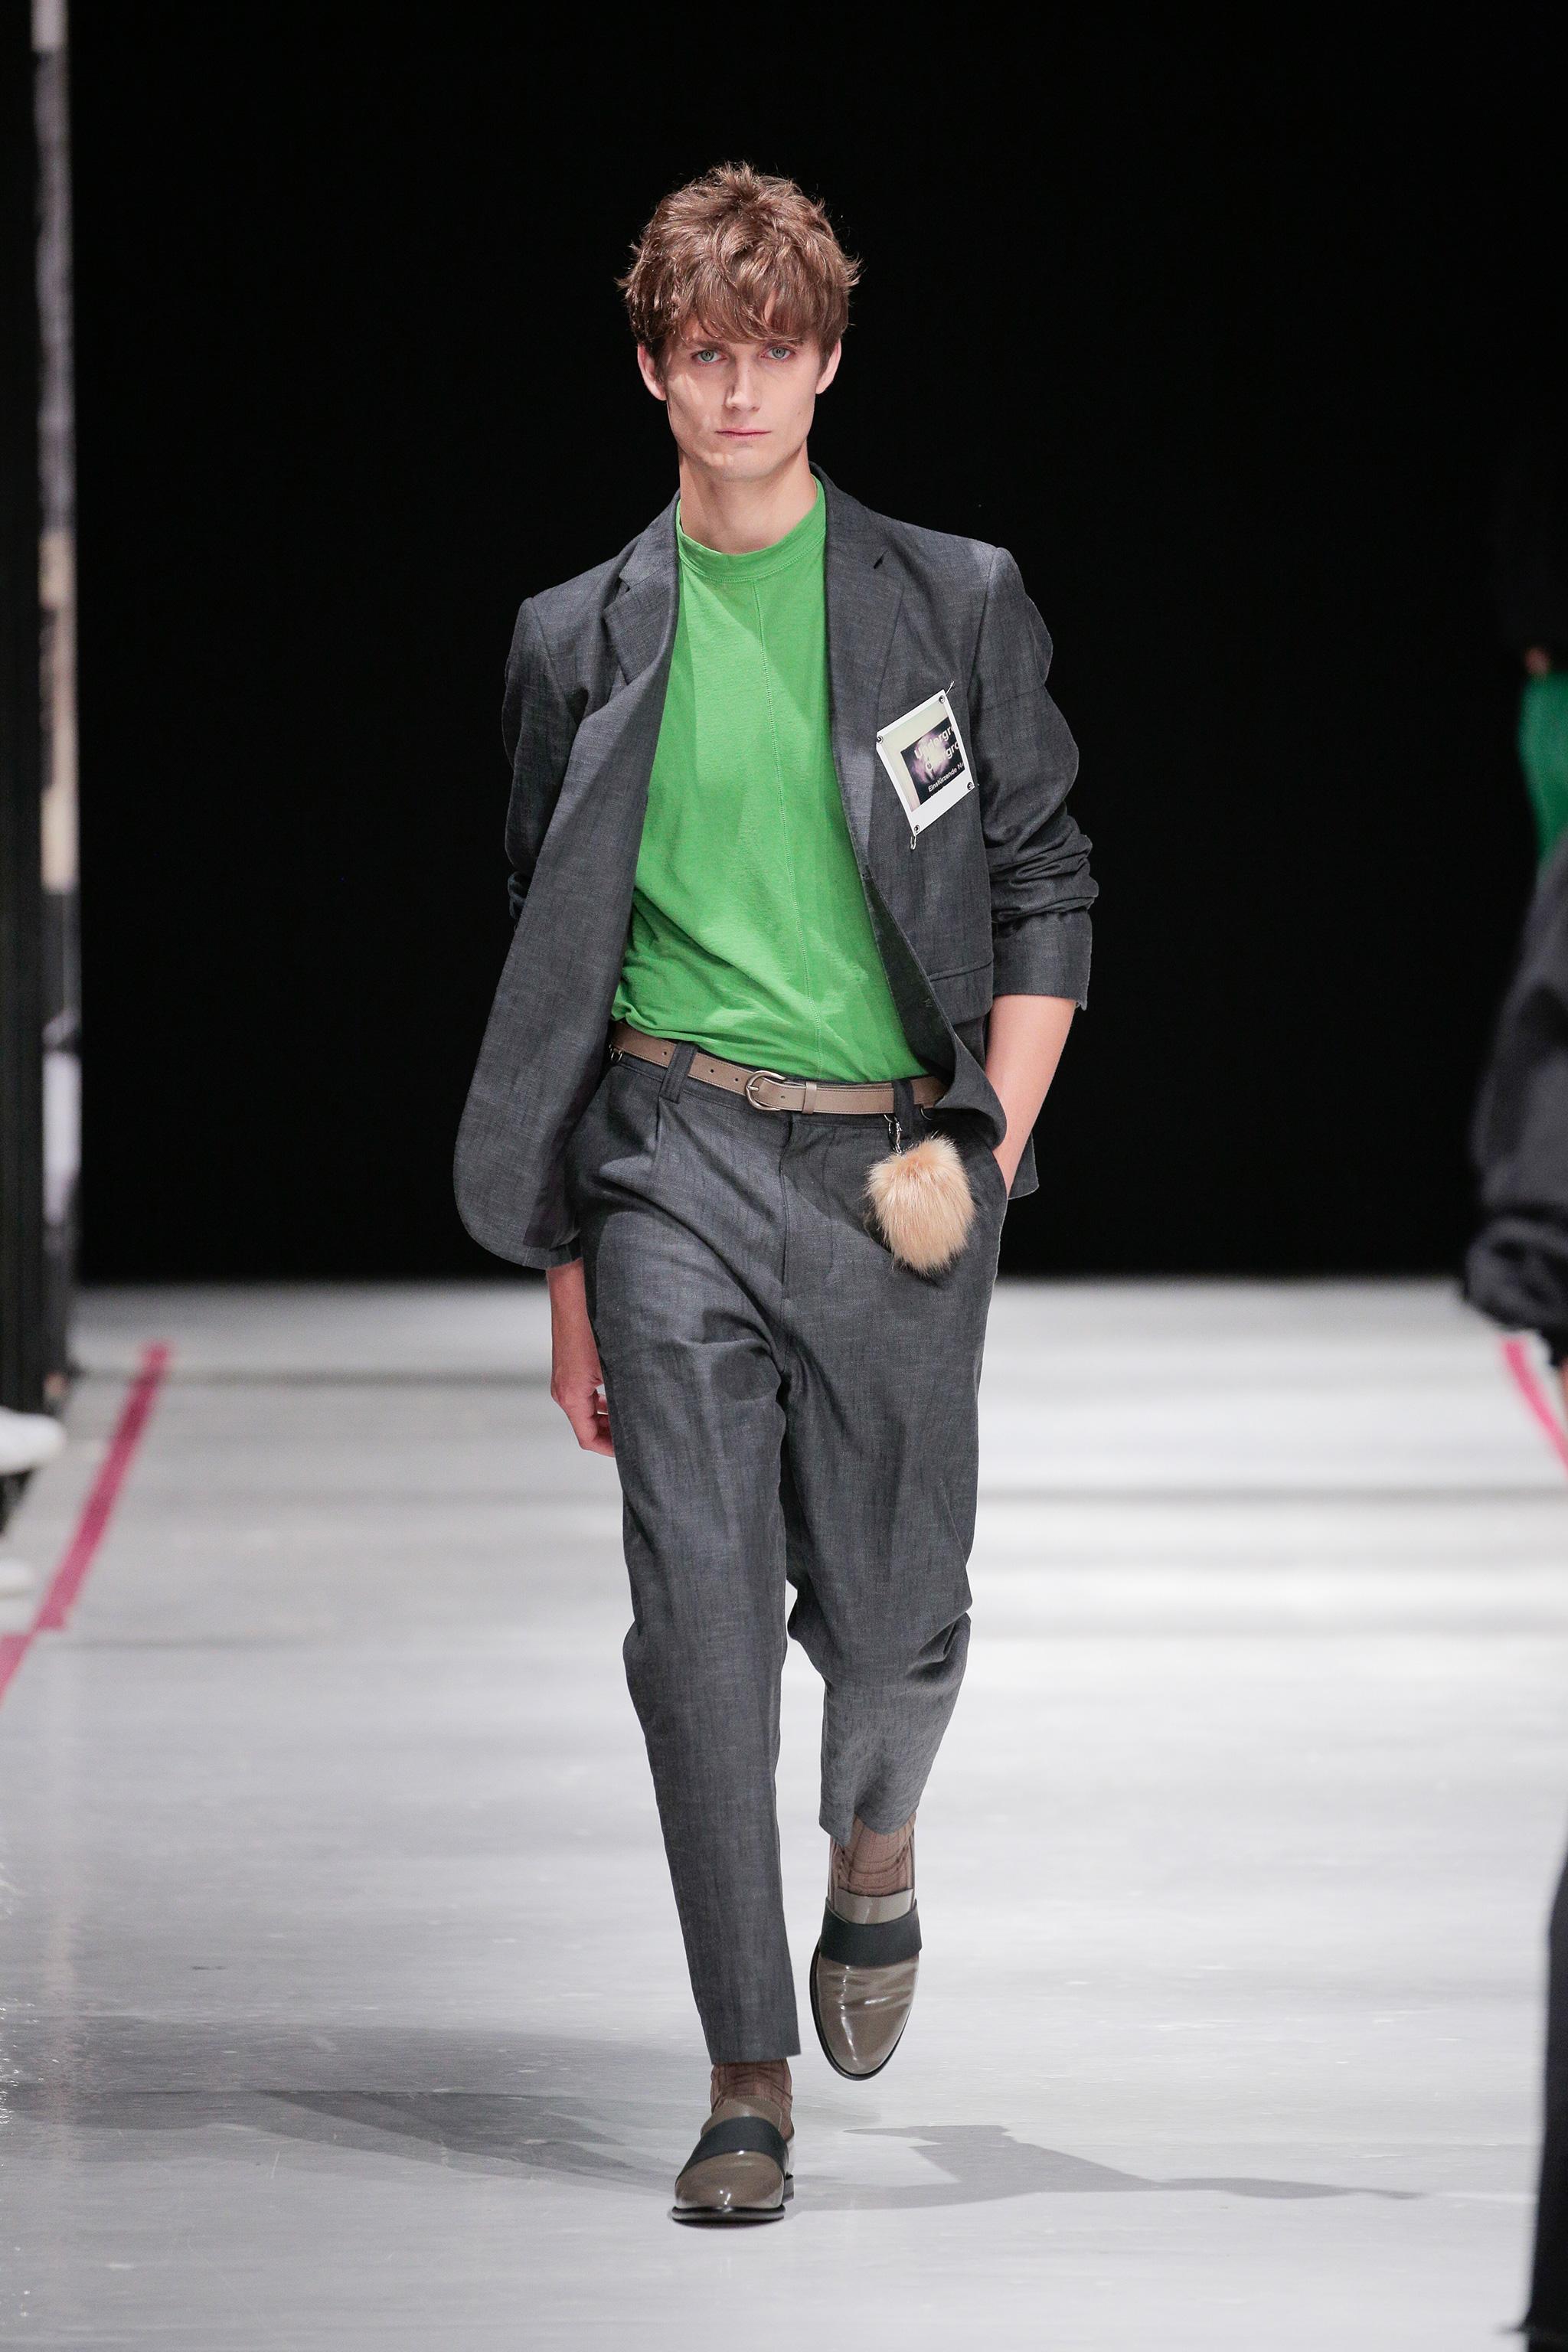 Pantone Color of the Year 2017: PANTONE 15-0343 Greenery   Menswear Robert Geller